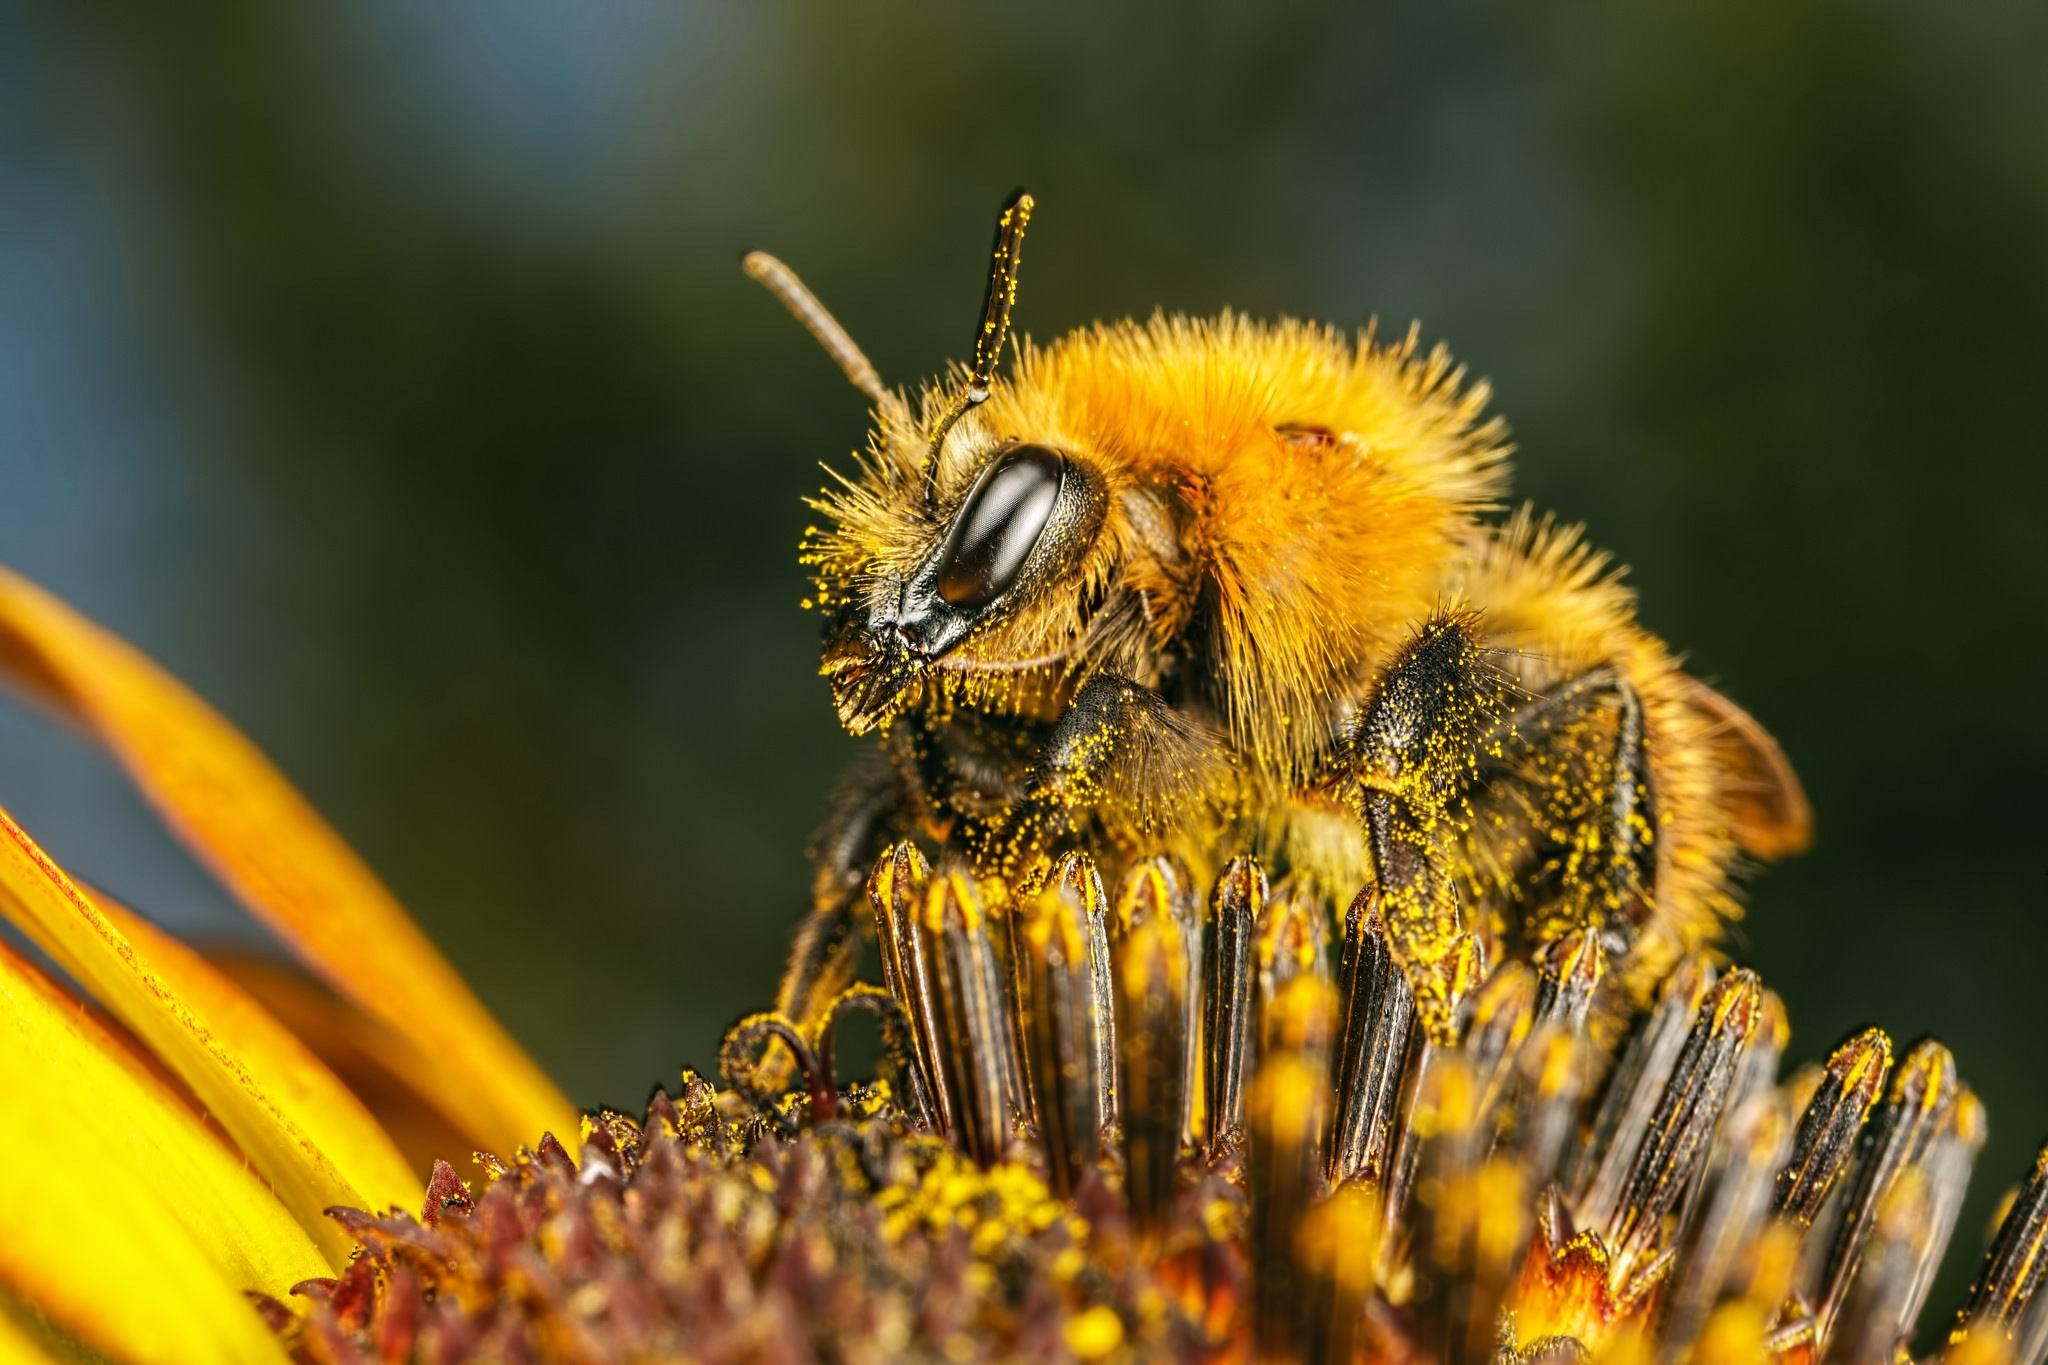 твоя картинки пчелы разные смерти является огромным